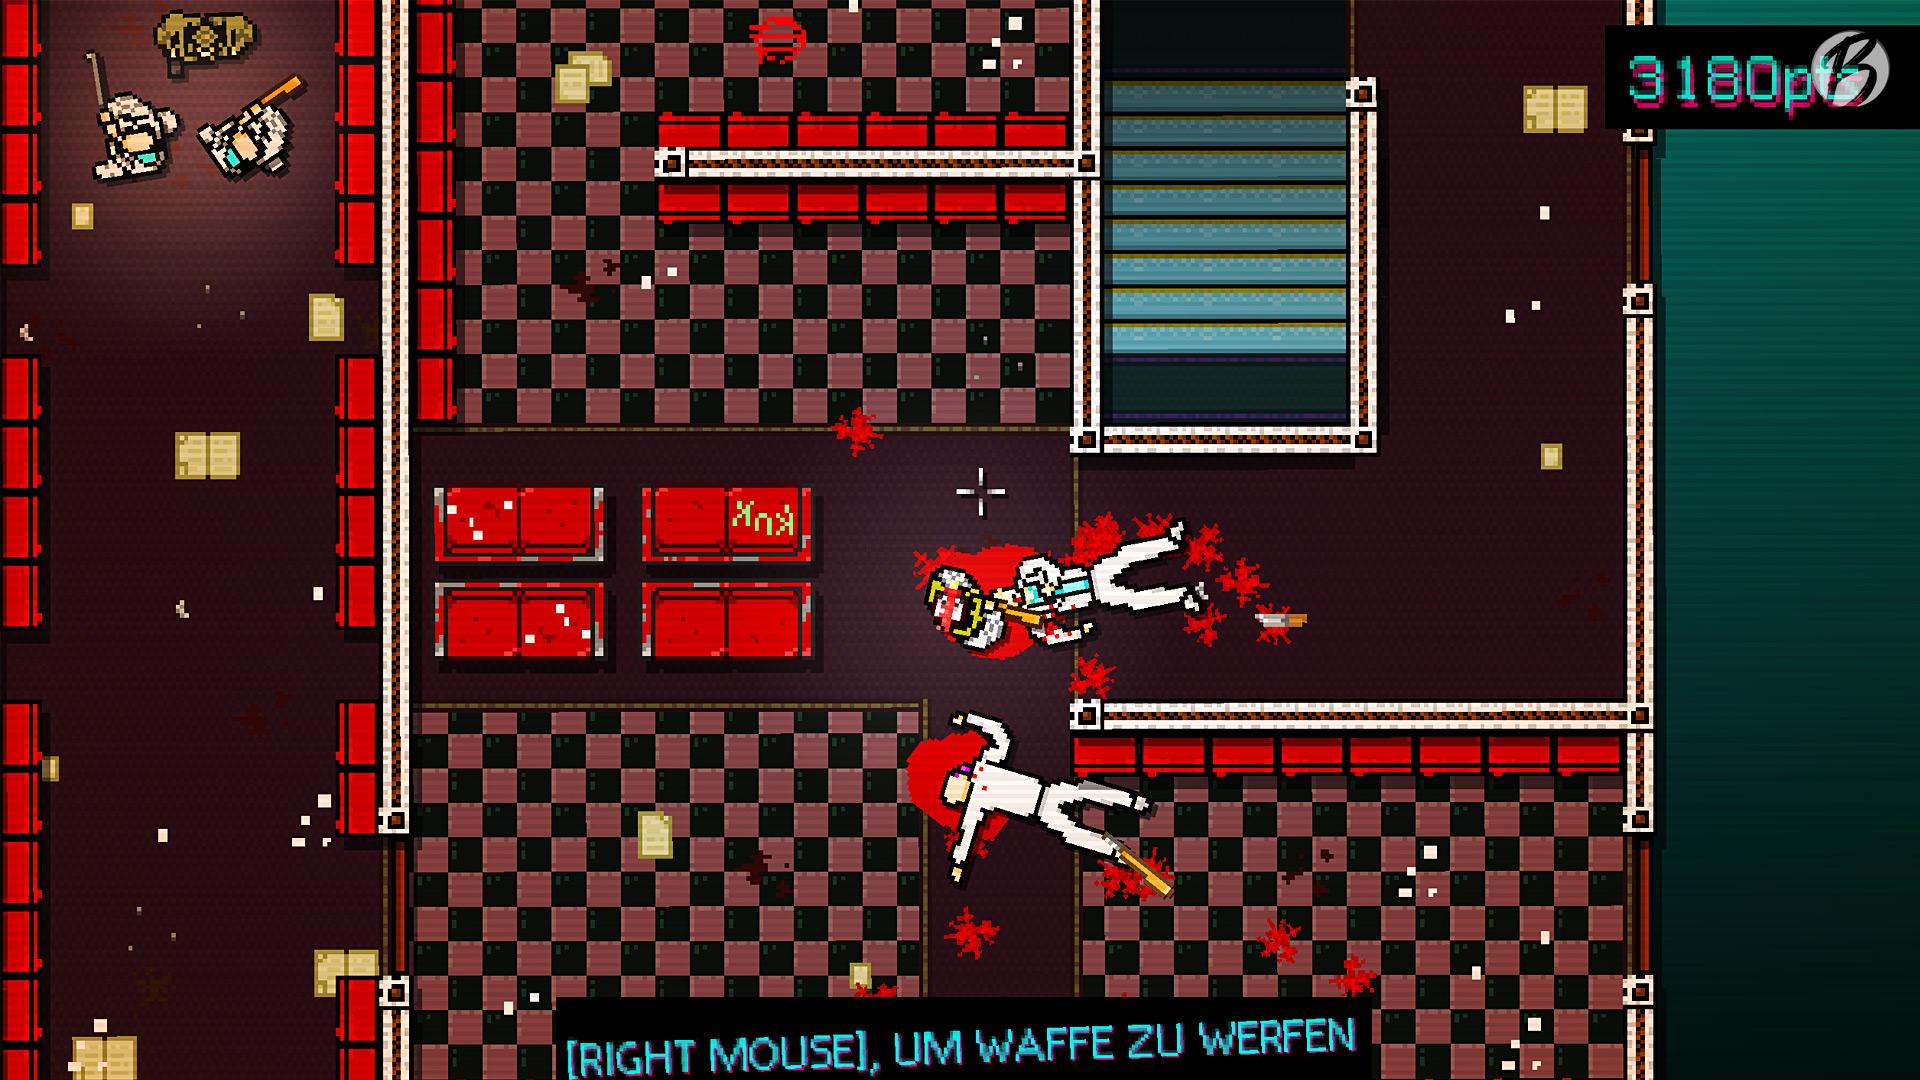 Spielszene aus dem ersten Teil von Hotline Miami.